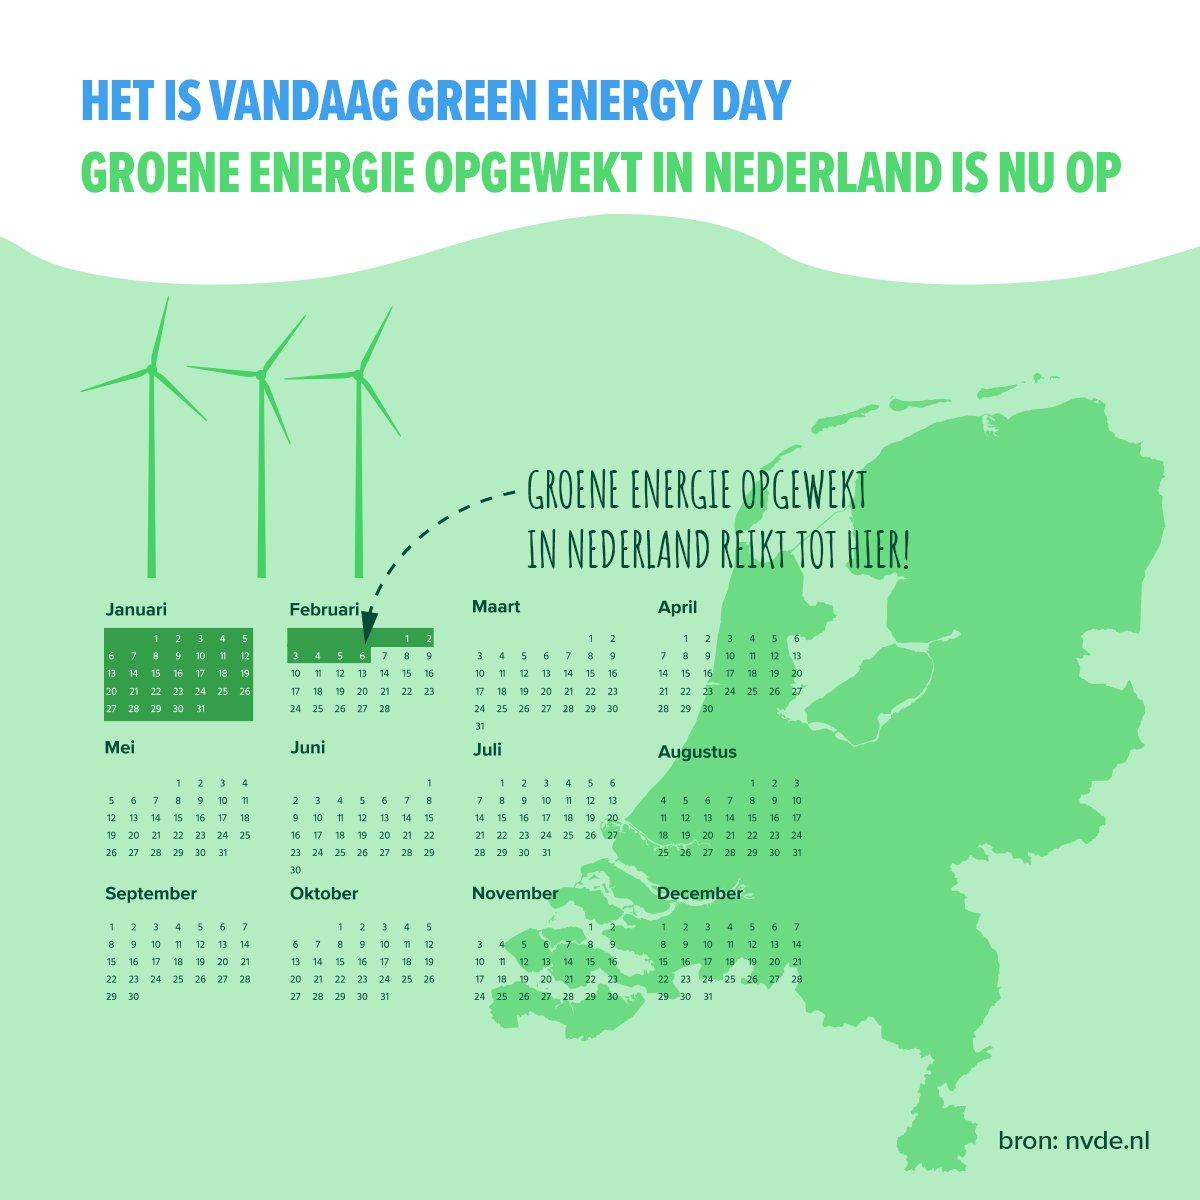 test Twitter Media - In Nederland is het #GreenEnergyDay. De dag waarop alle in Nederland opgewekte groene energie is verbruikt voor de rest van het jaar. Nu schakelen we over op fossiele energie. Het doel in 2050? Genoeg schone energie voor een heel jaar! Voor minder vervuiling en een beter klimaat. https://t.co/yBpGmlaPX7